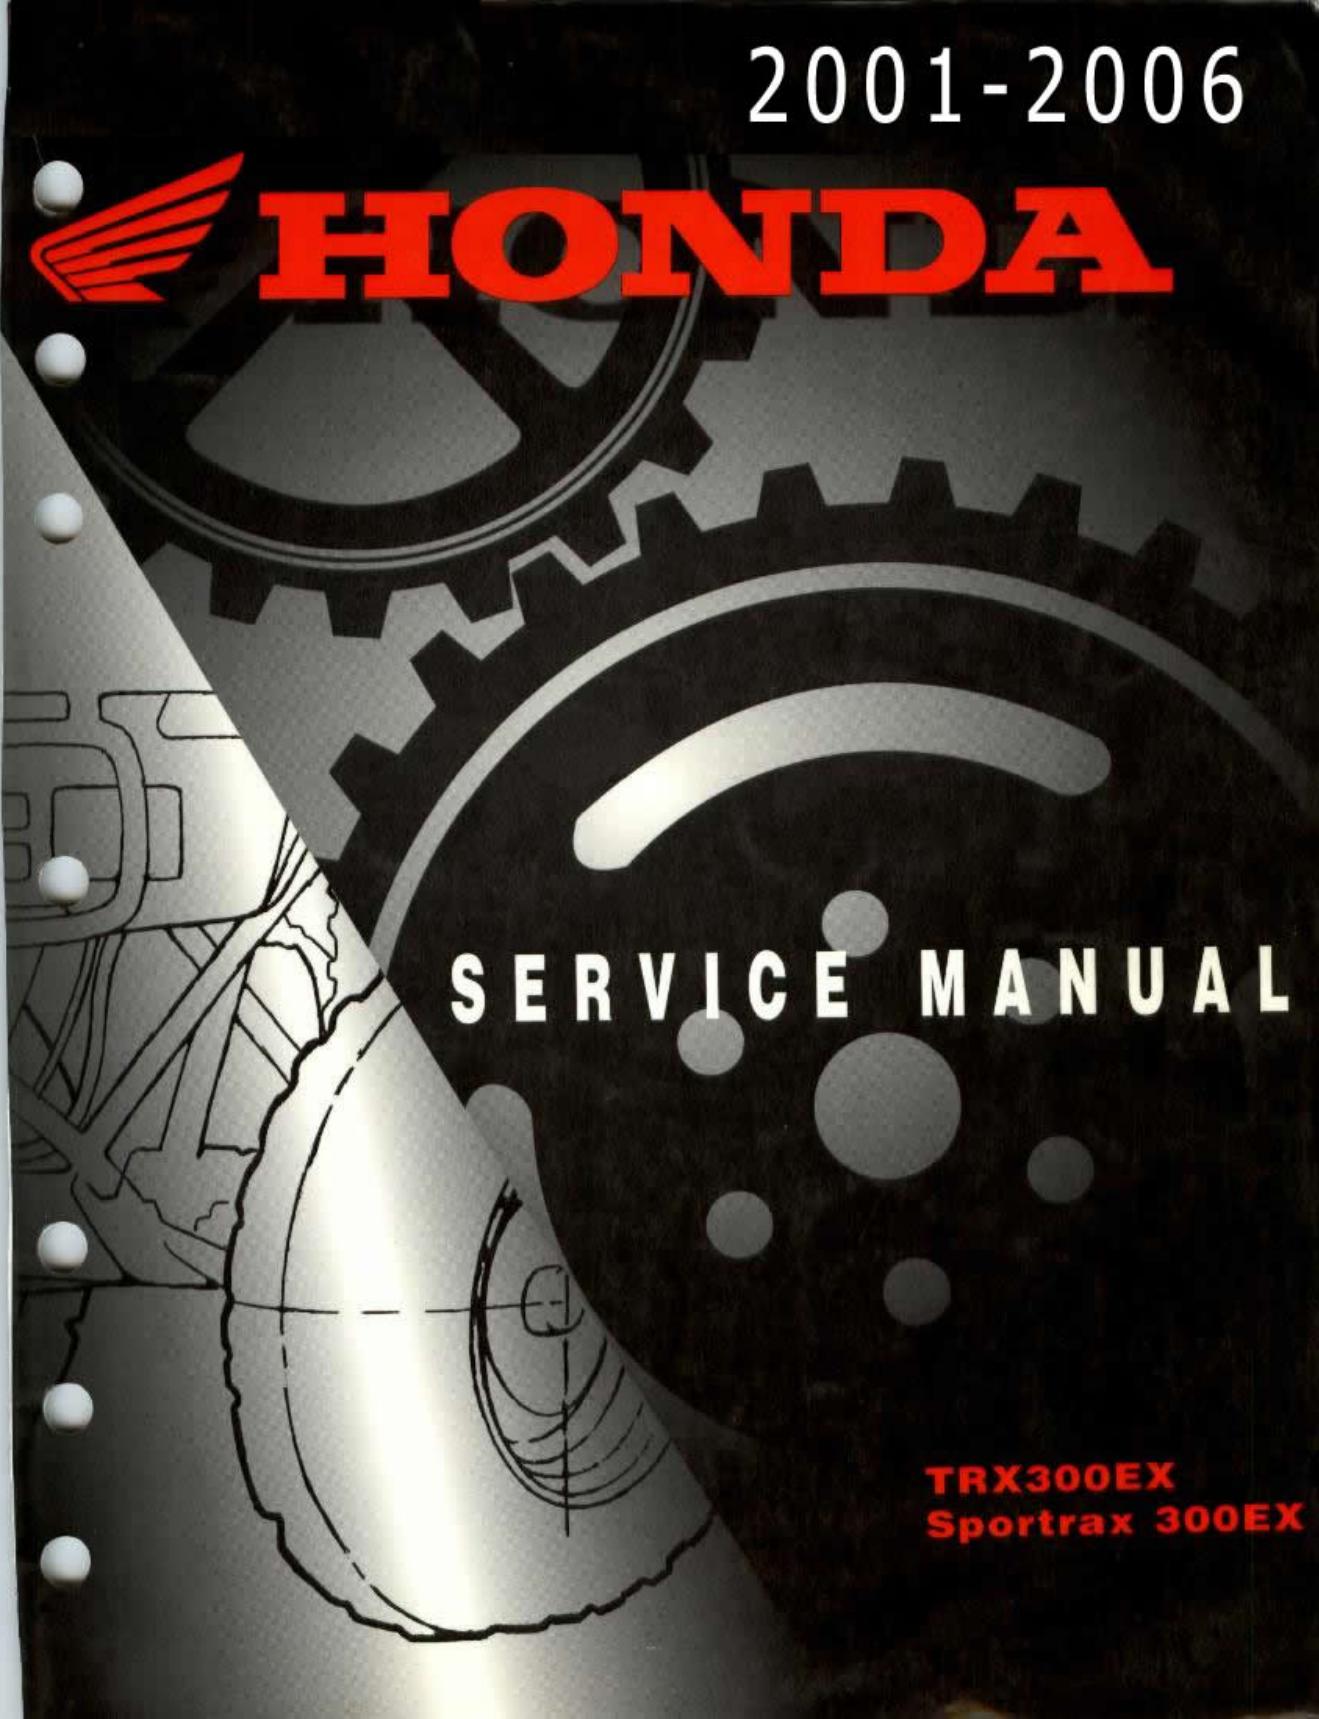 ... Array - 2001 2006 honda trx300ex service repair manual 2006 honda  trx300ex rh usermanual wiki